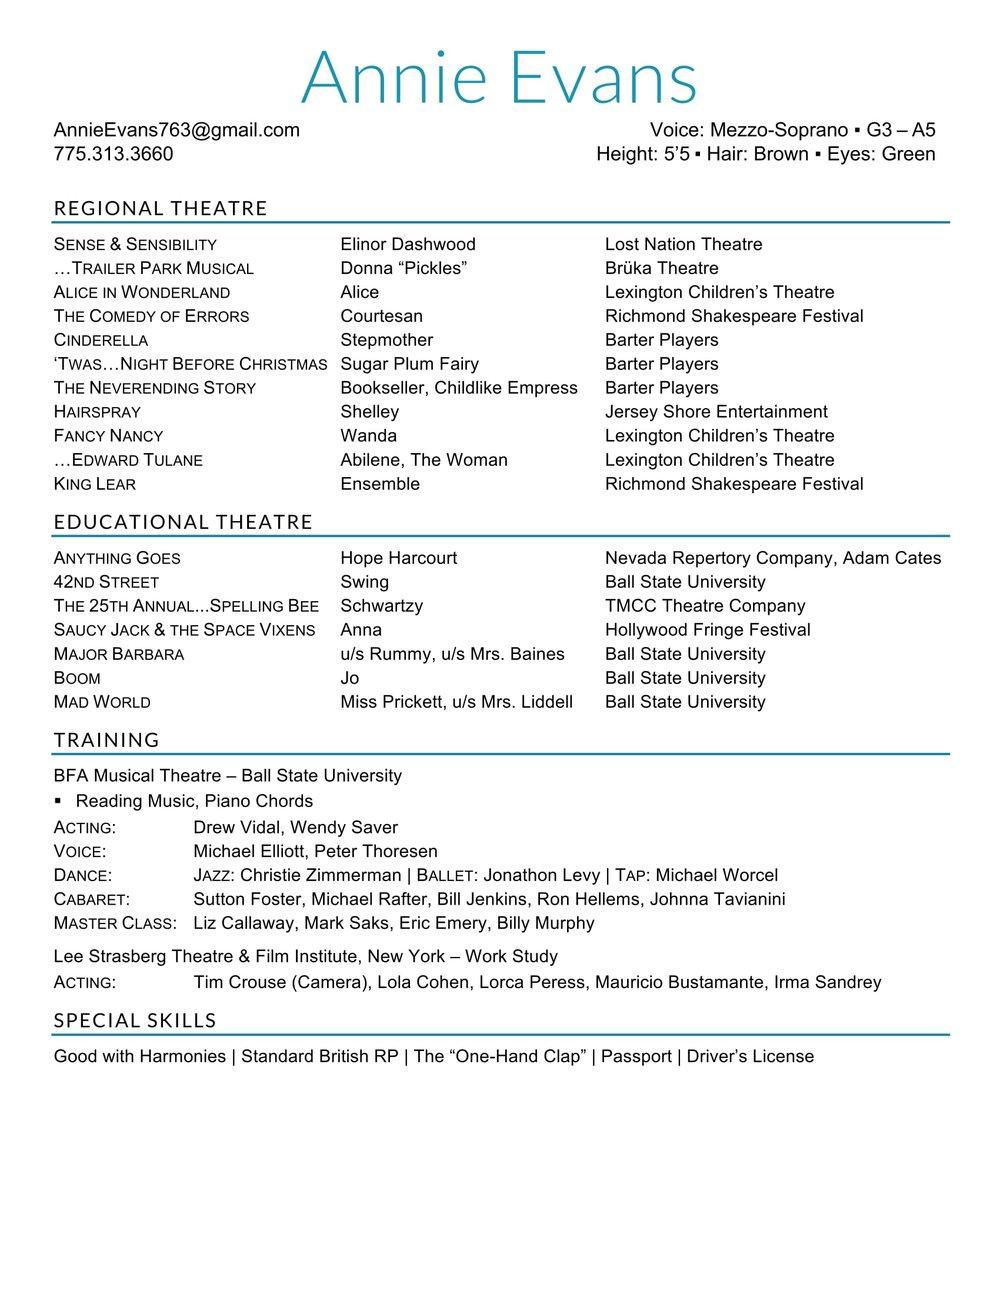 Resume — Annie Evans